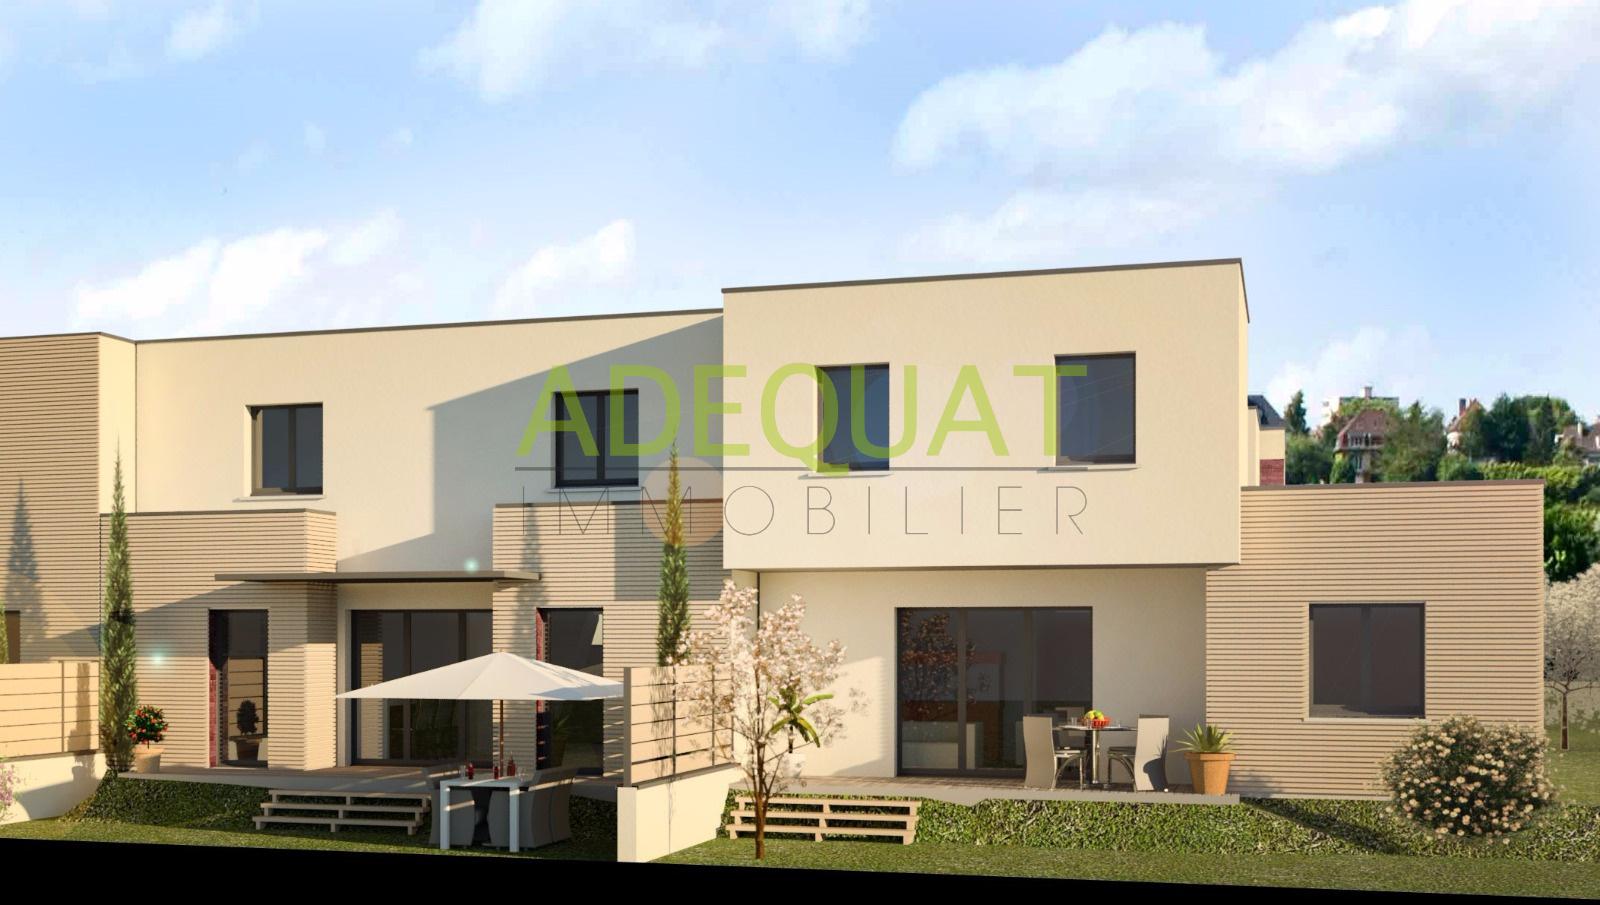 Vente maison appartement bourgoin jallieu 38300 sur le for Maison bourgoin jallieu